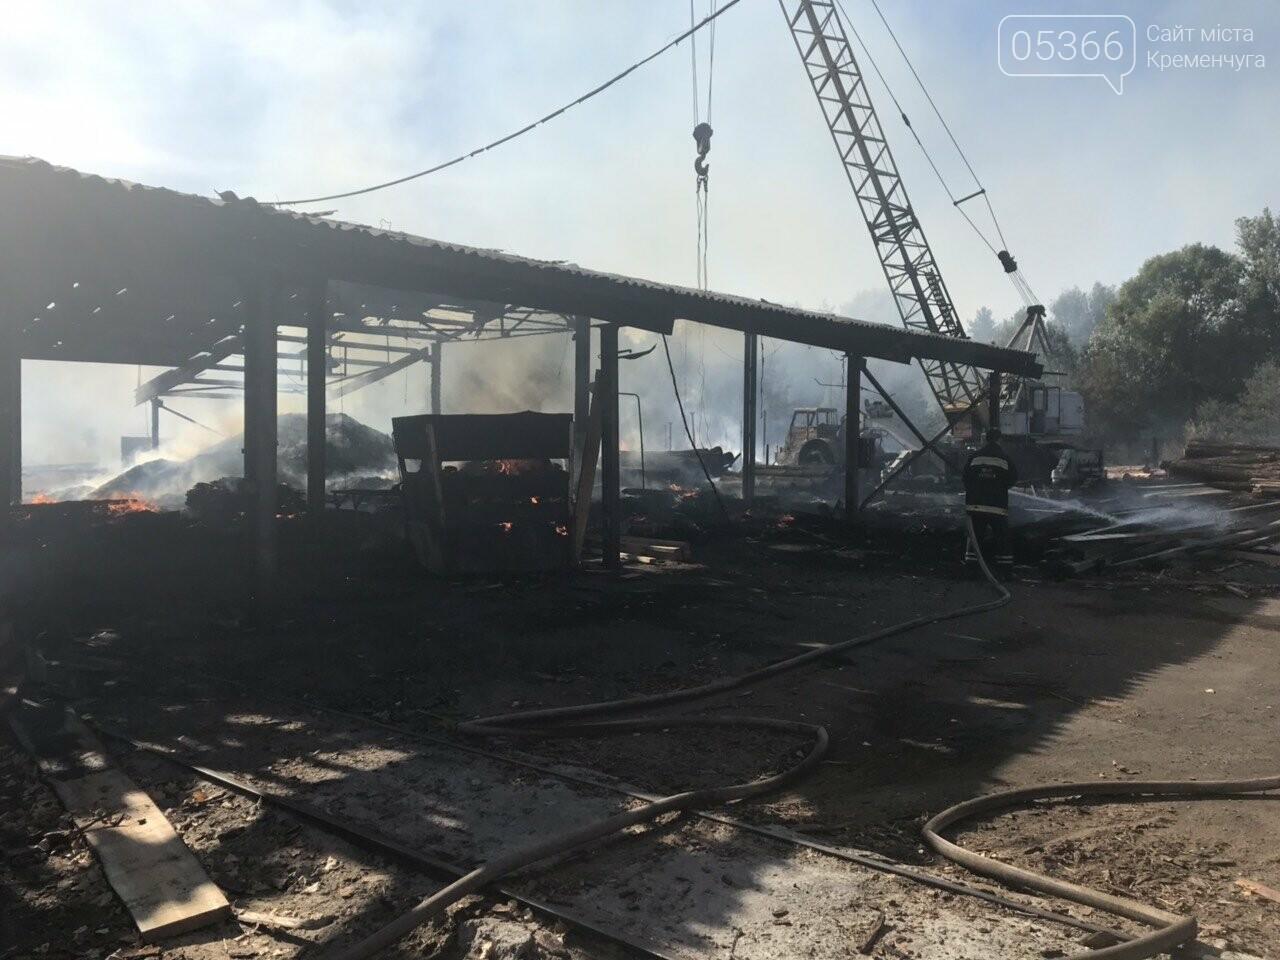 У Кременчуцькому районі вогонь знищив базу з переробки лісоматеріалів. Фото, фото-6